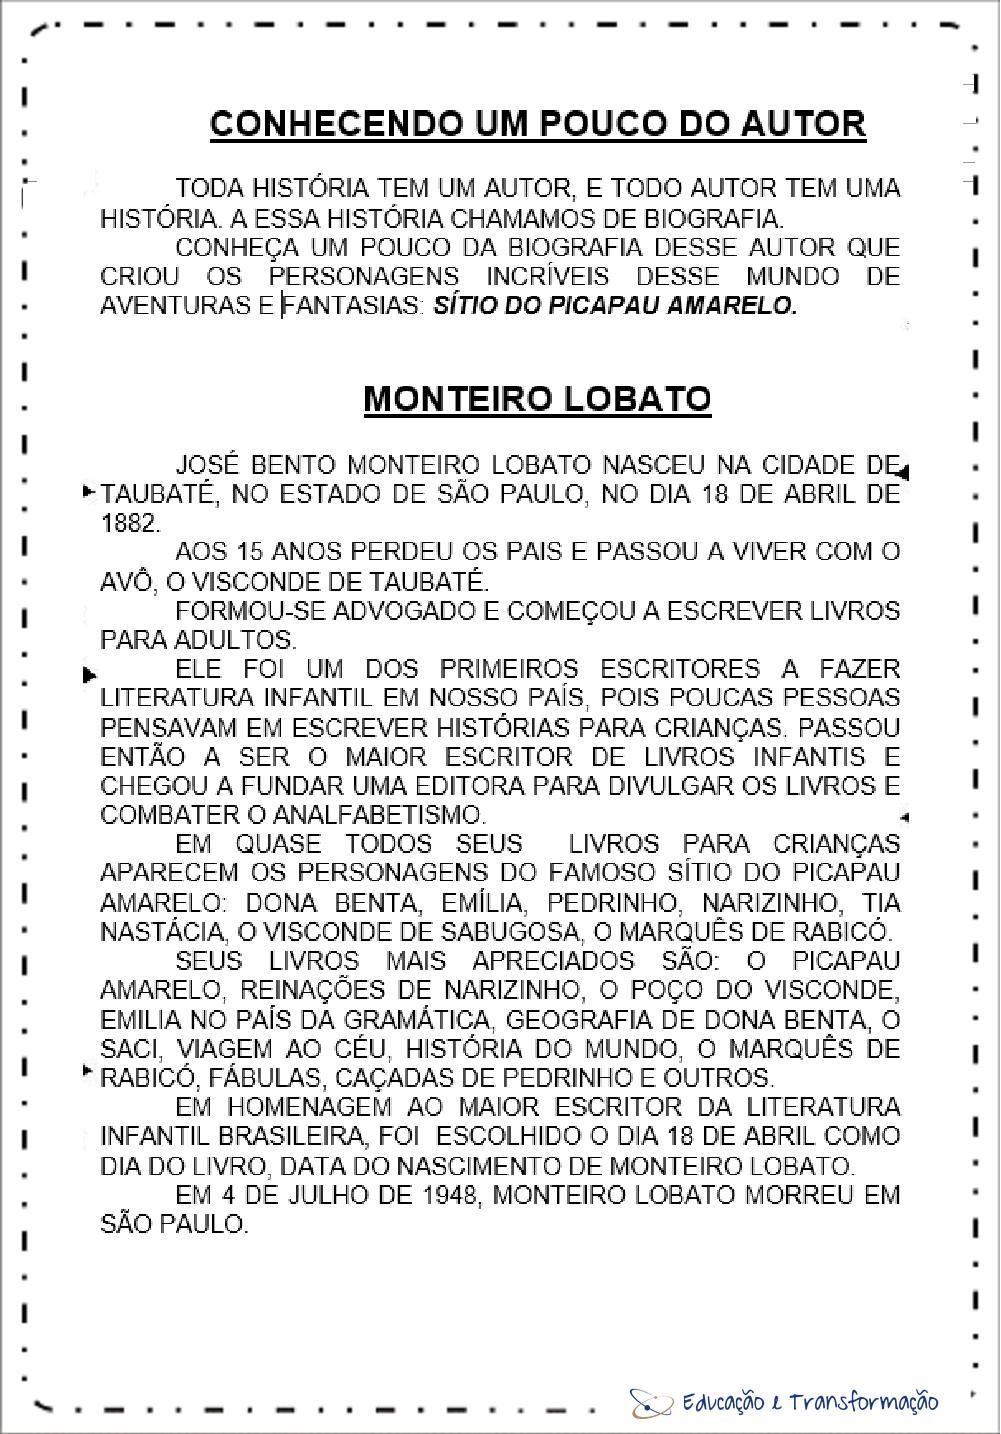 Atividades Dia do Monteiro Lobato -Pesquisa sobre Lobato